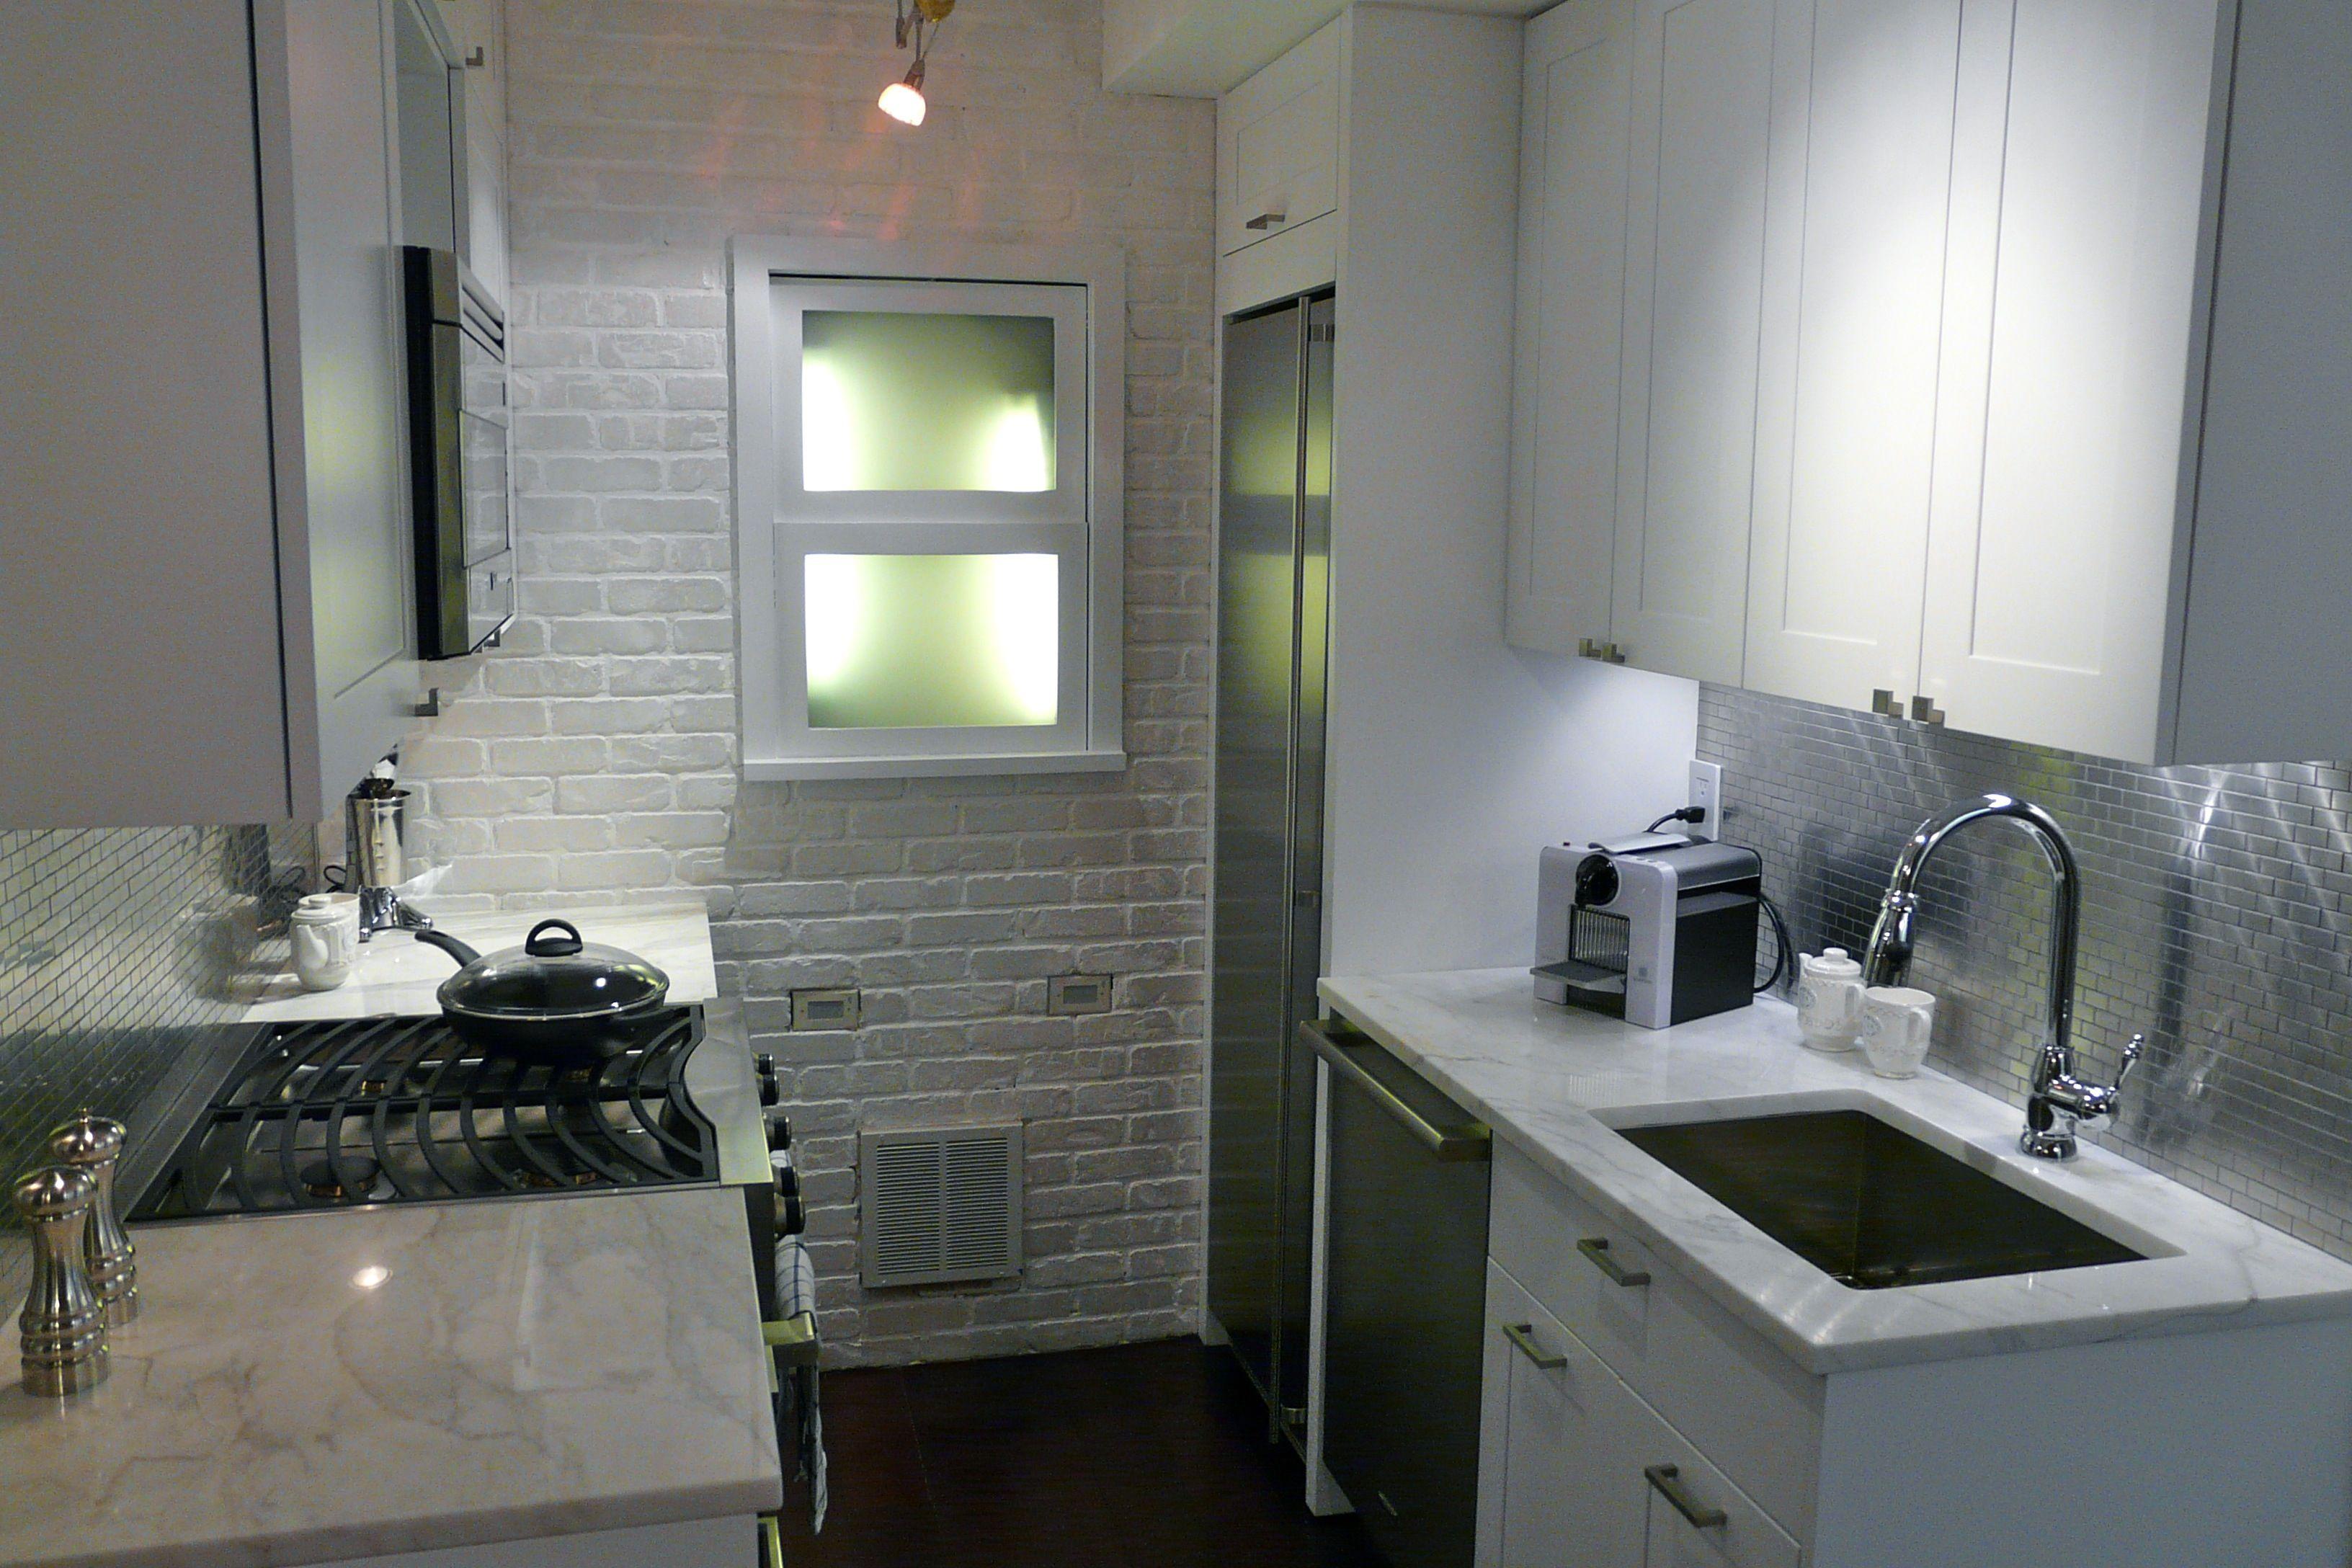 small kitchen   Kitchen design modern small, Kitchen design small ...